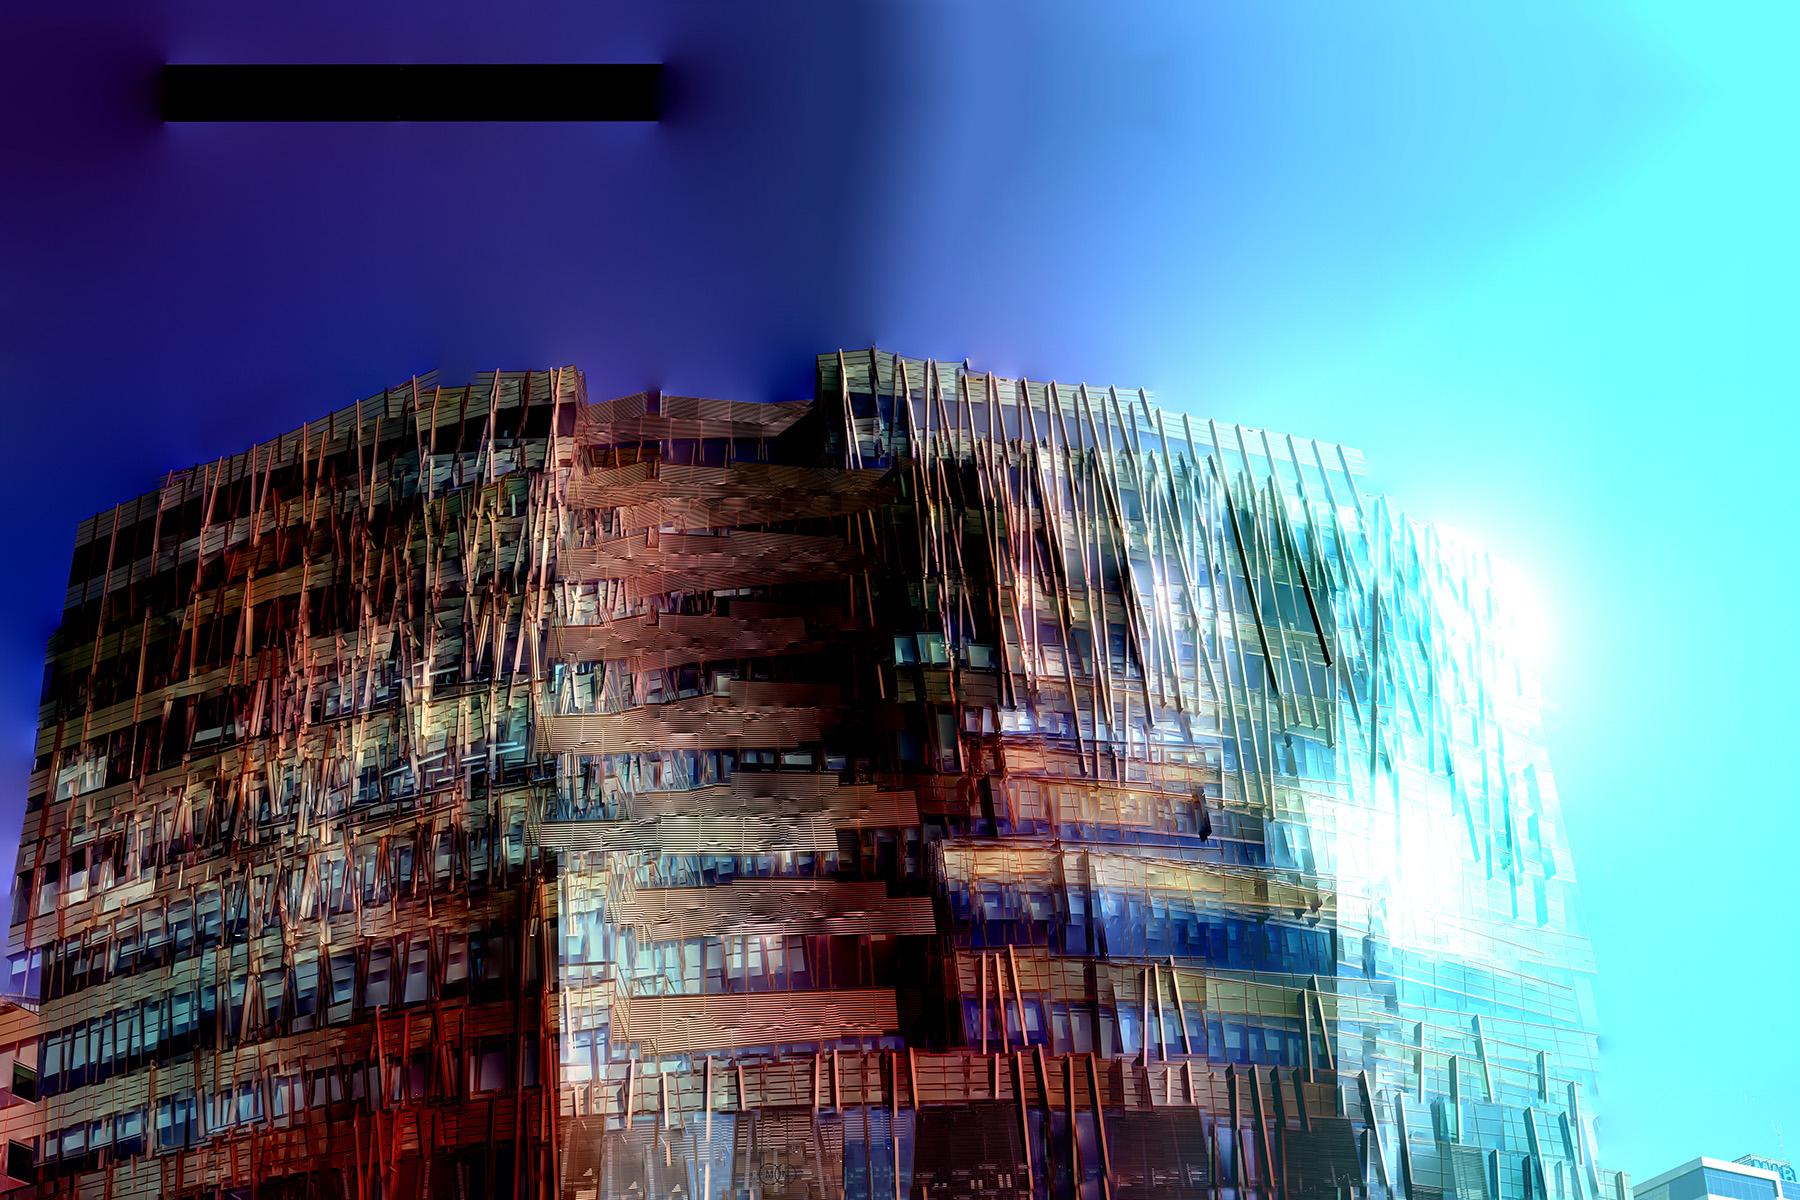 A Colosseum - Urb11